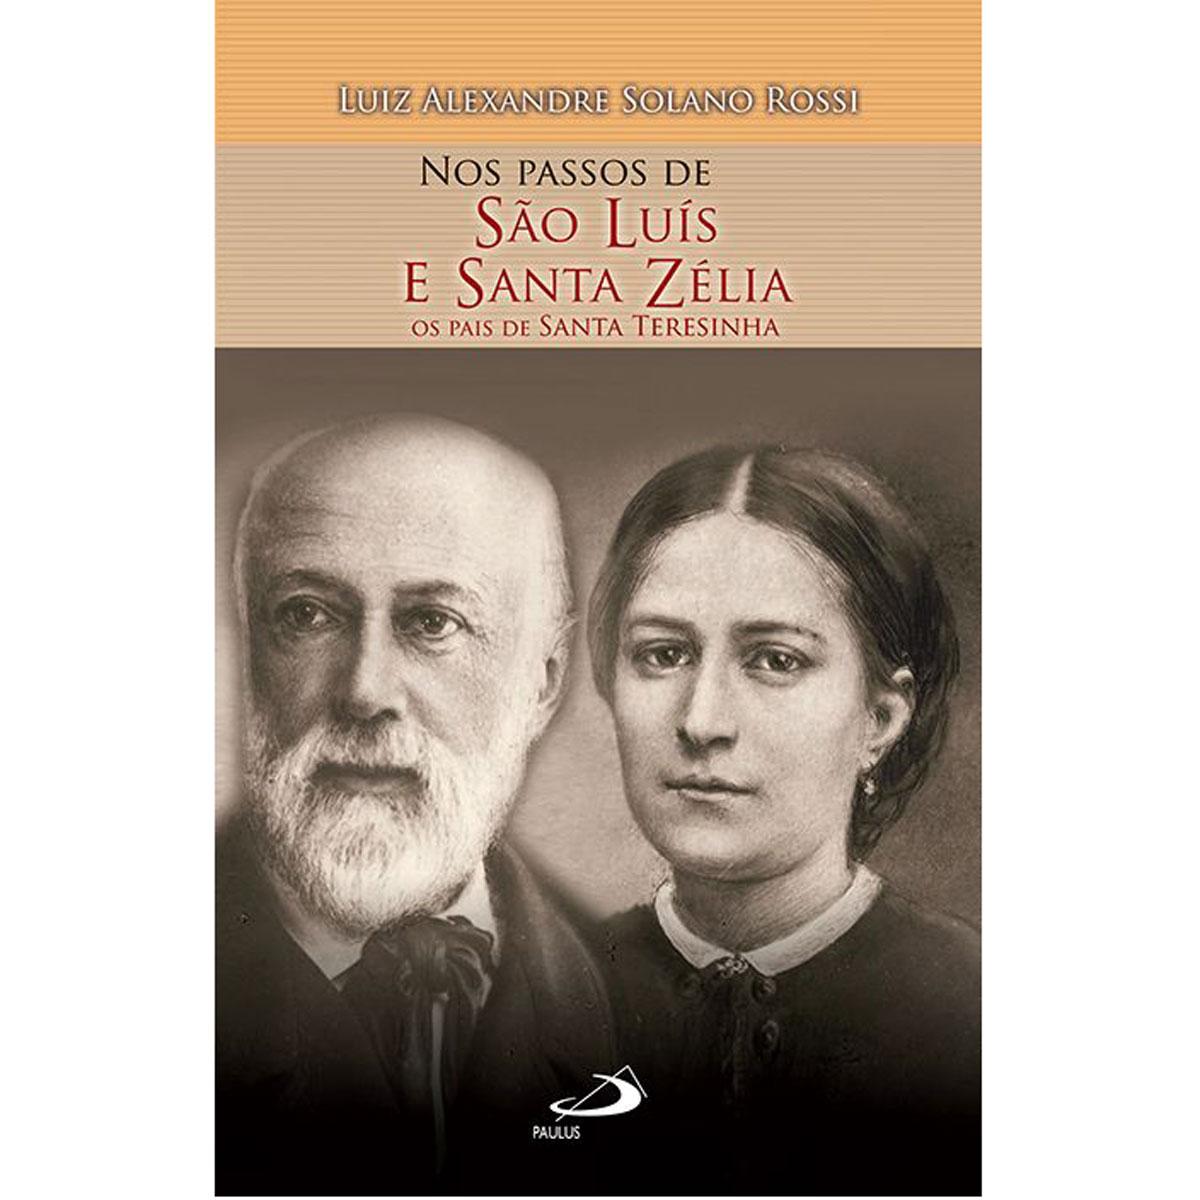 Livro Nos Passos de São Luís e Santa Zélia